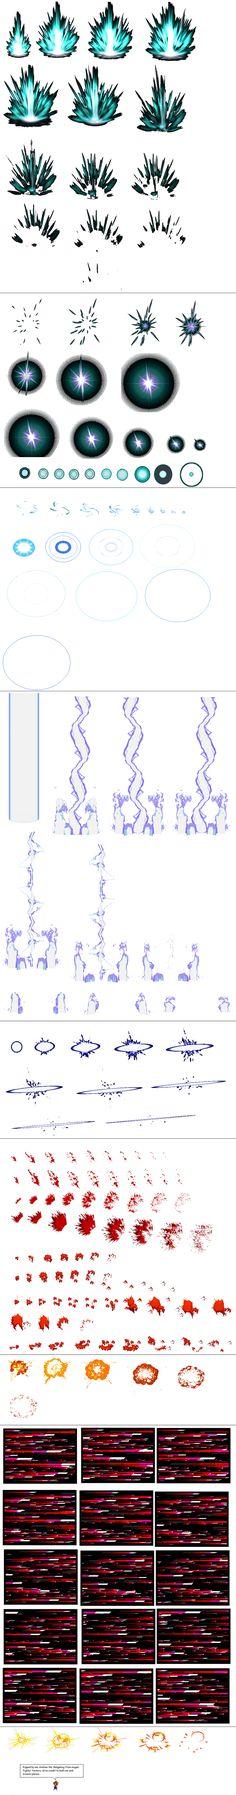 Ultimate Effects Sheet 2 by Xypter on deviantART